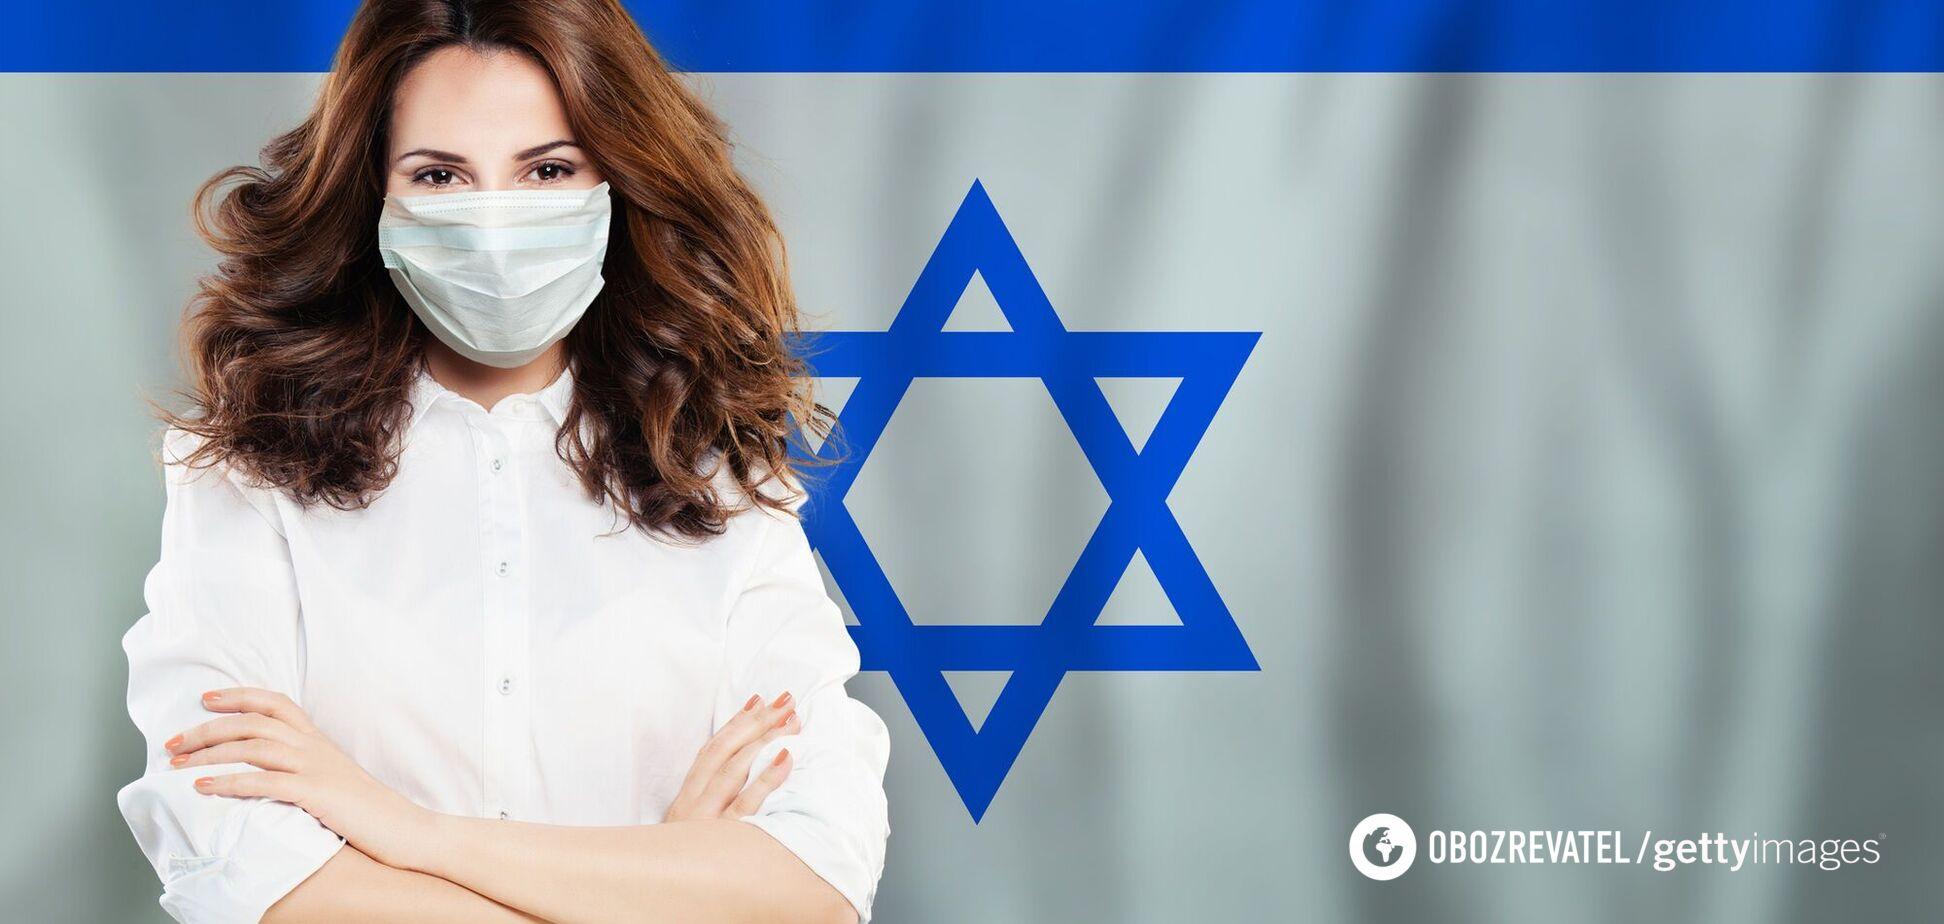 Україні варто запозичити інтелект в Ізраїлю, щоб подолати COVID-19, – вчений